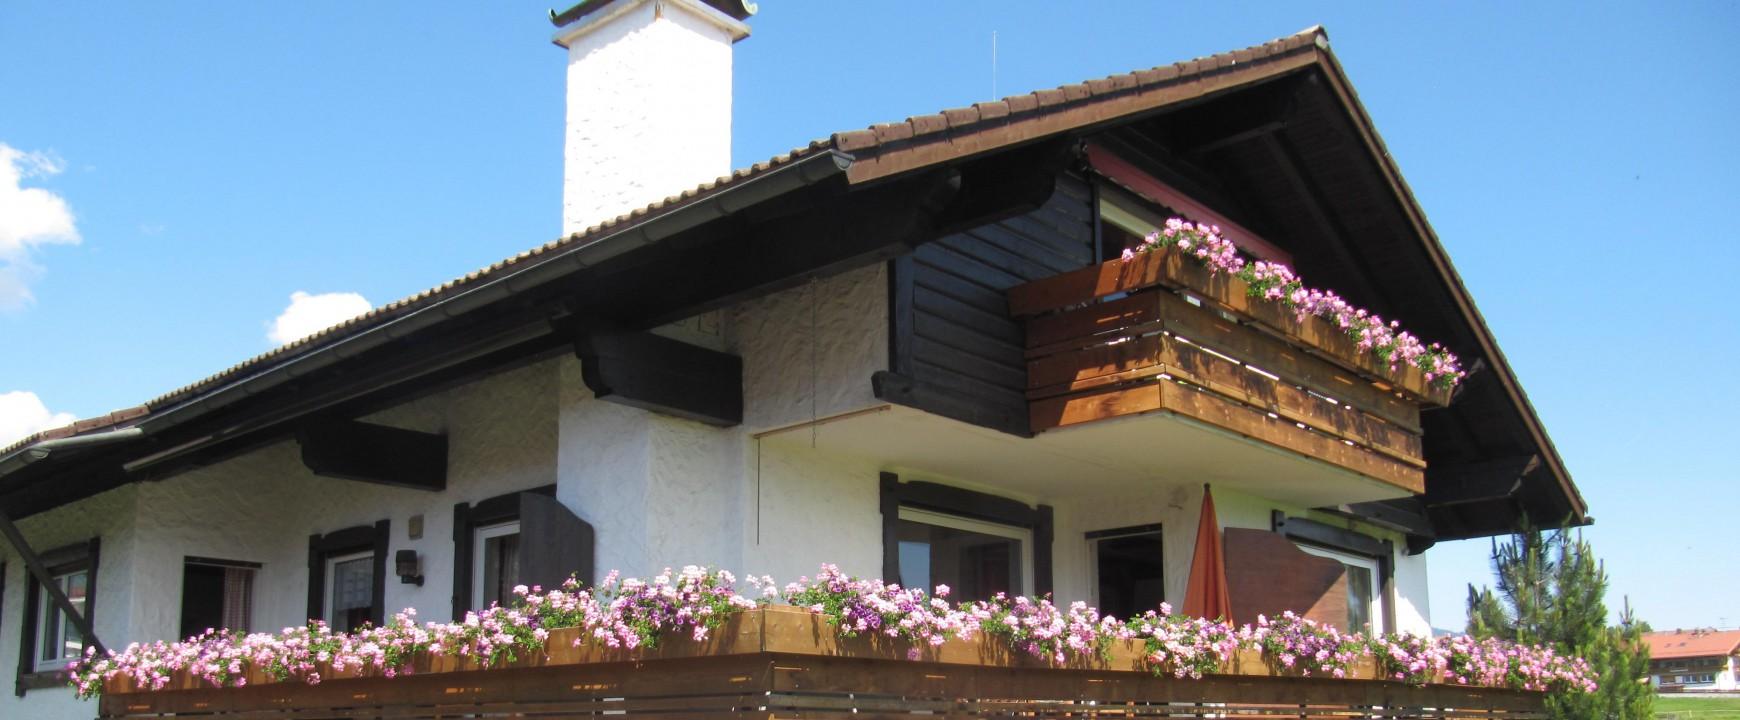 Ganz neu: Unsere Ferienwohnungen sind jetzt mit neuen Bädern, neuen Küchen und neuen Bodenbelägen ausgestattet